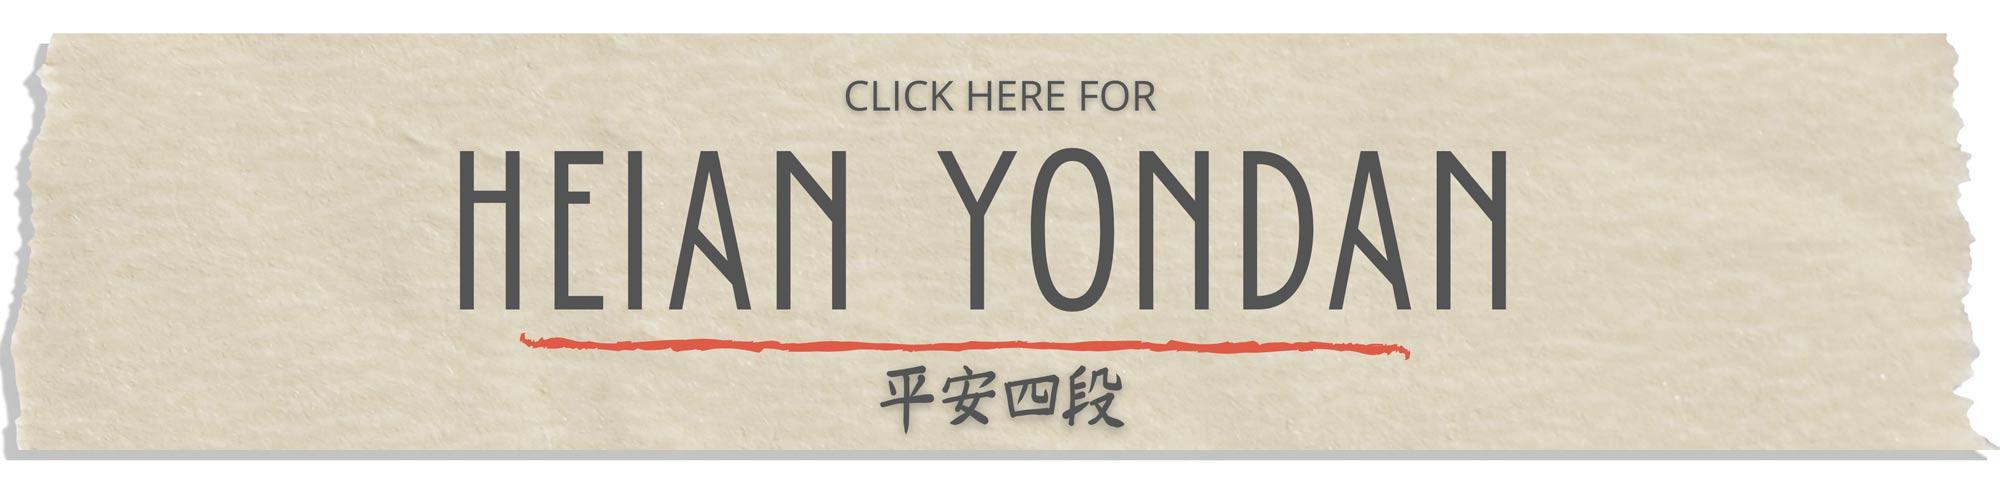 heian yondan tutorial